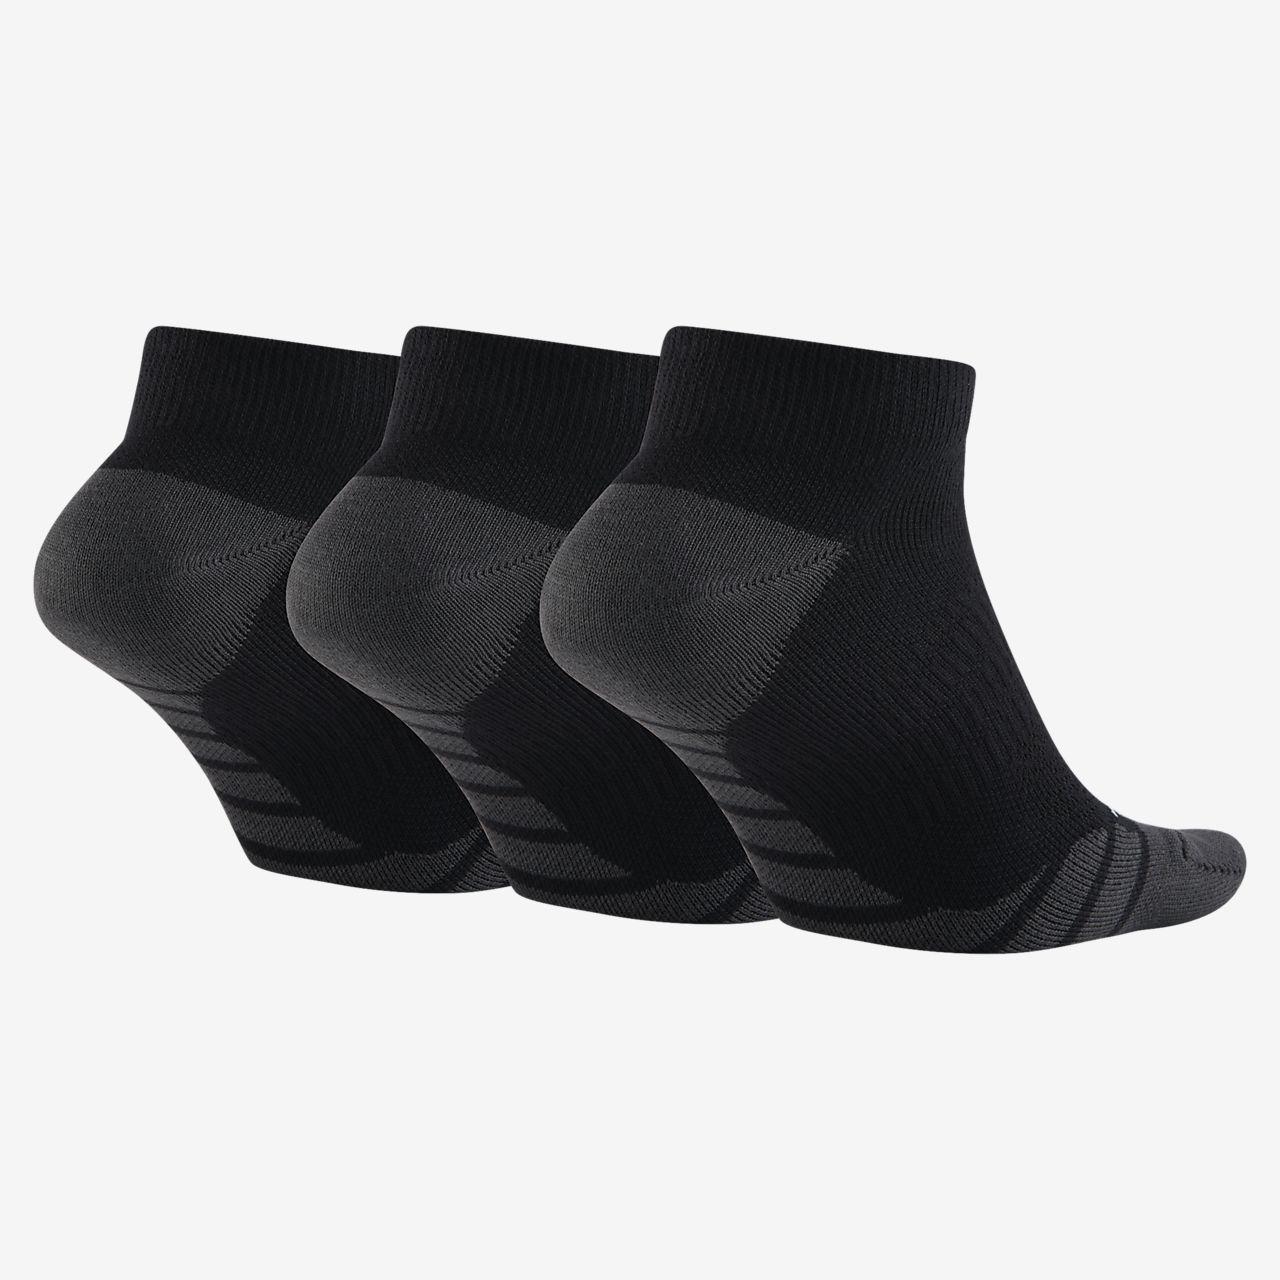 b36833084eba Nike Dry Lightweight No-Show Training Socks (3 Pair). Nike.com GB